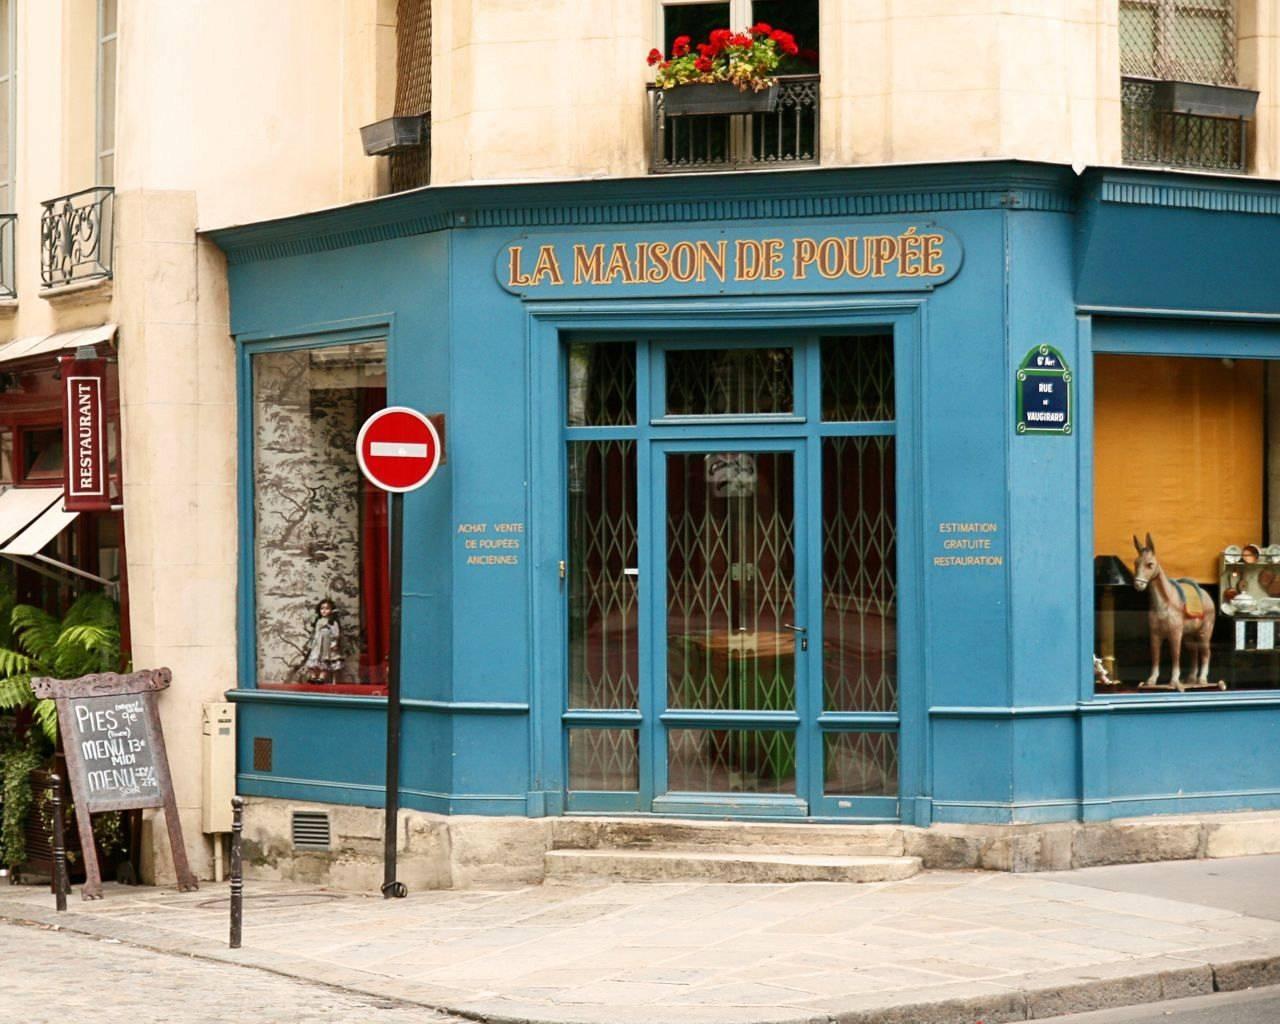 Paris Photography France La Maison De Poupee Photograph Intended For 2017 Street Scene Wall Art (View 4 of 25)